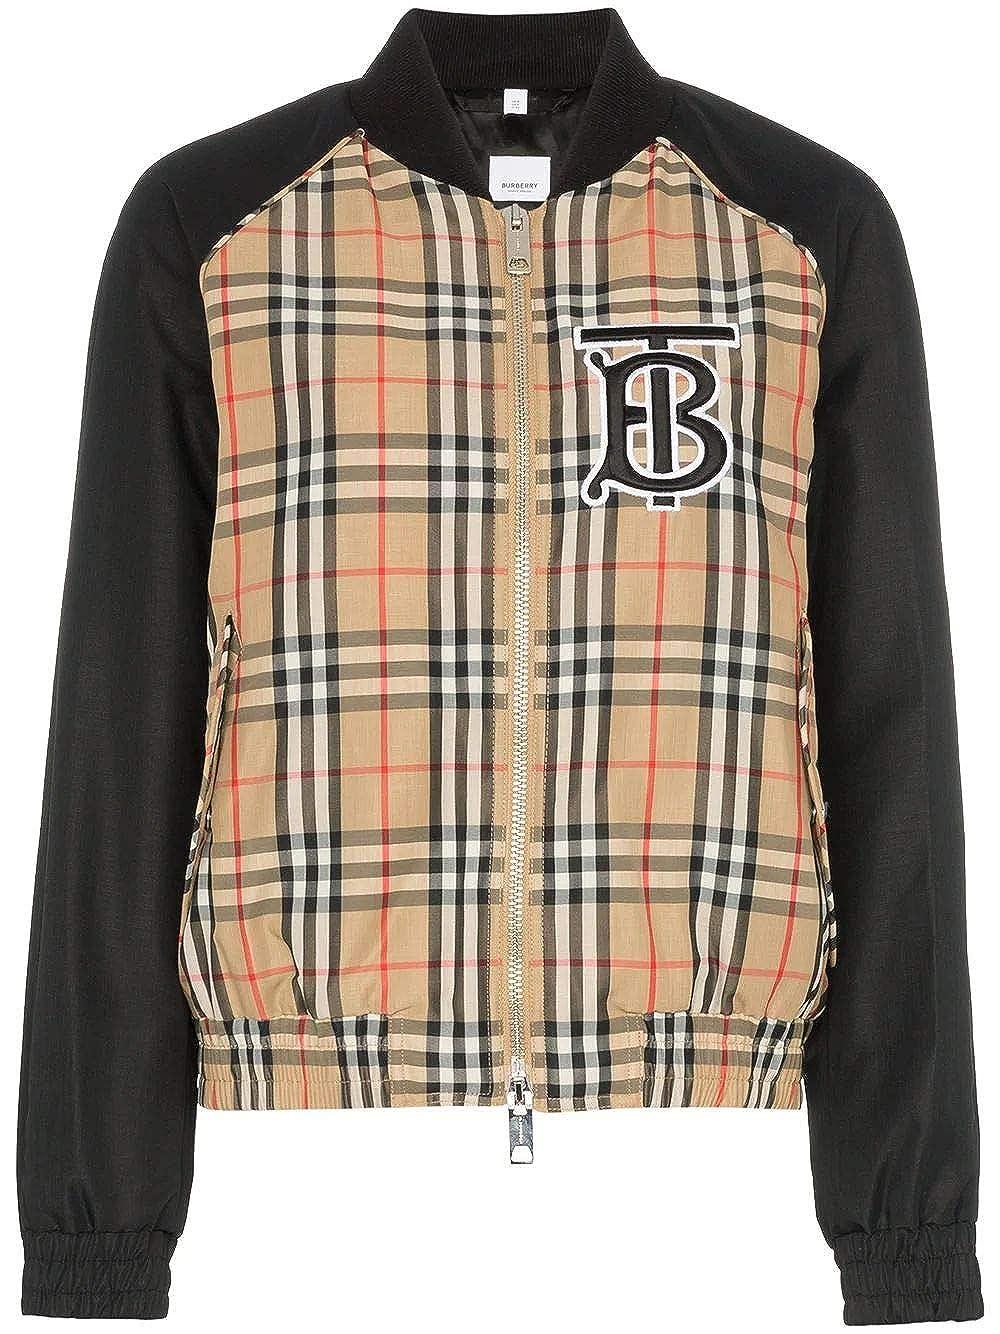 Burberry Luxury Fashion Mujer 8011533 Beige Cazadora | Otoño ...